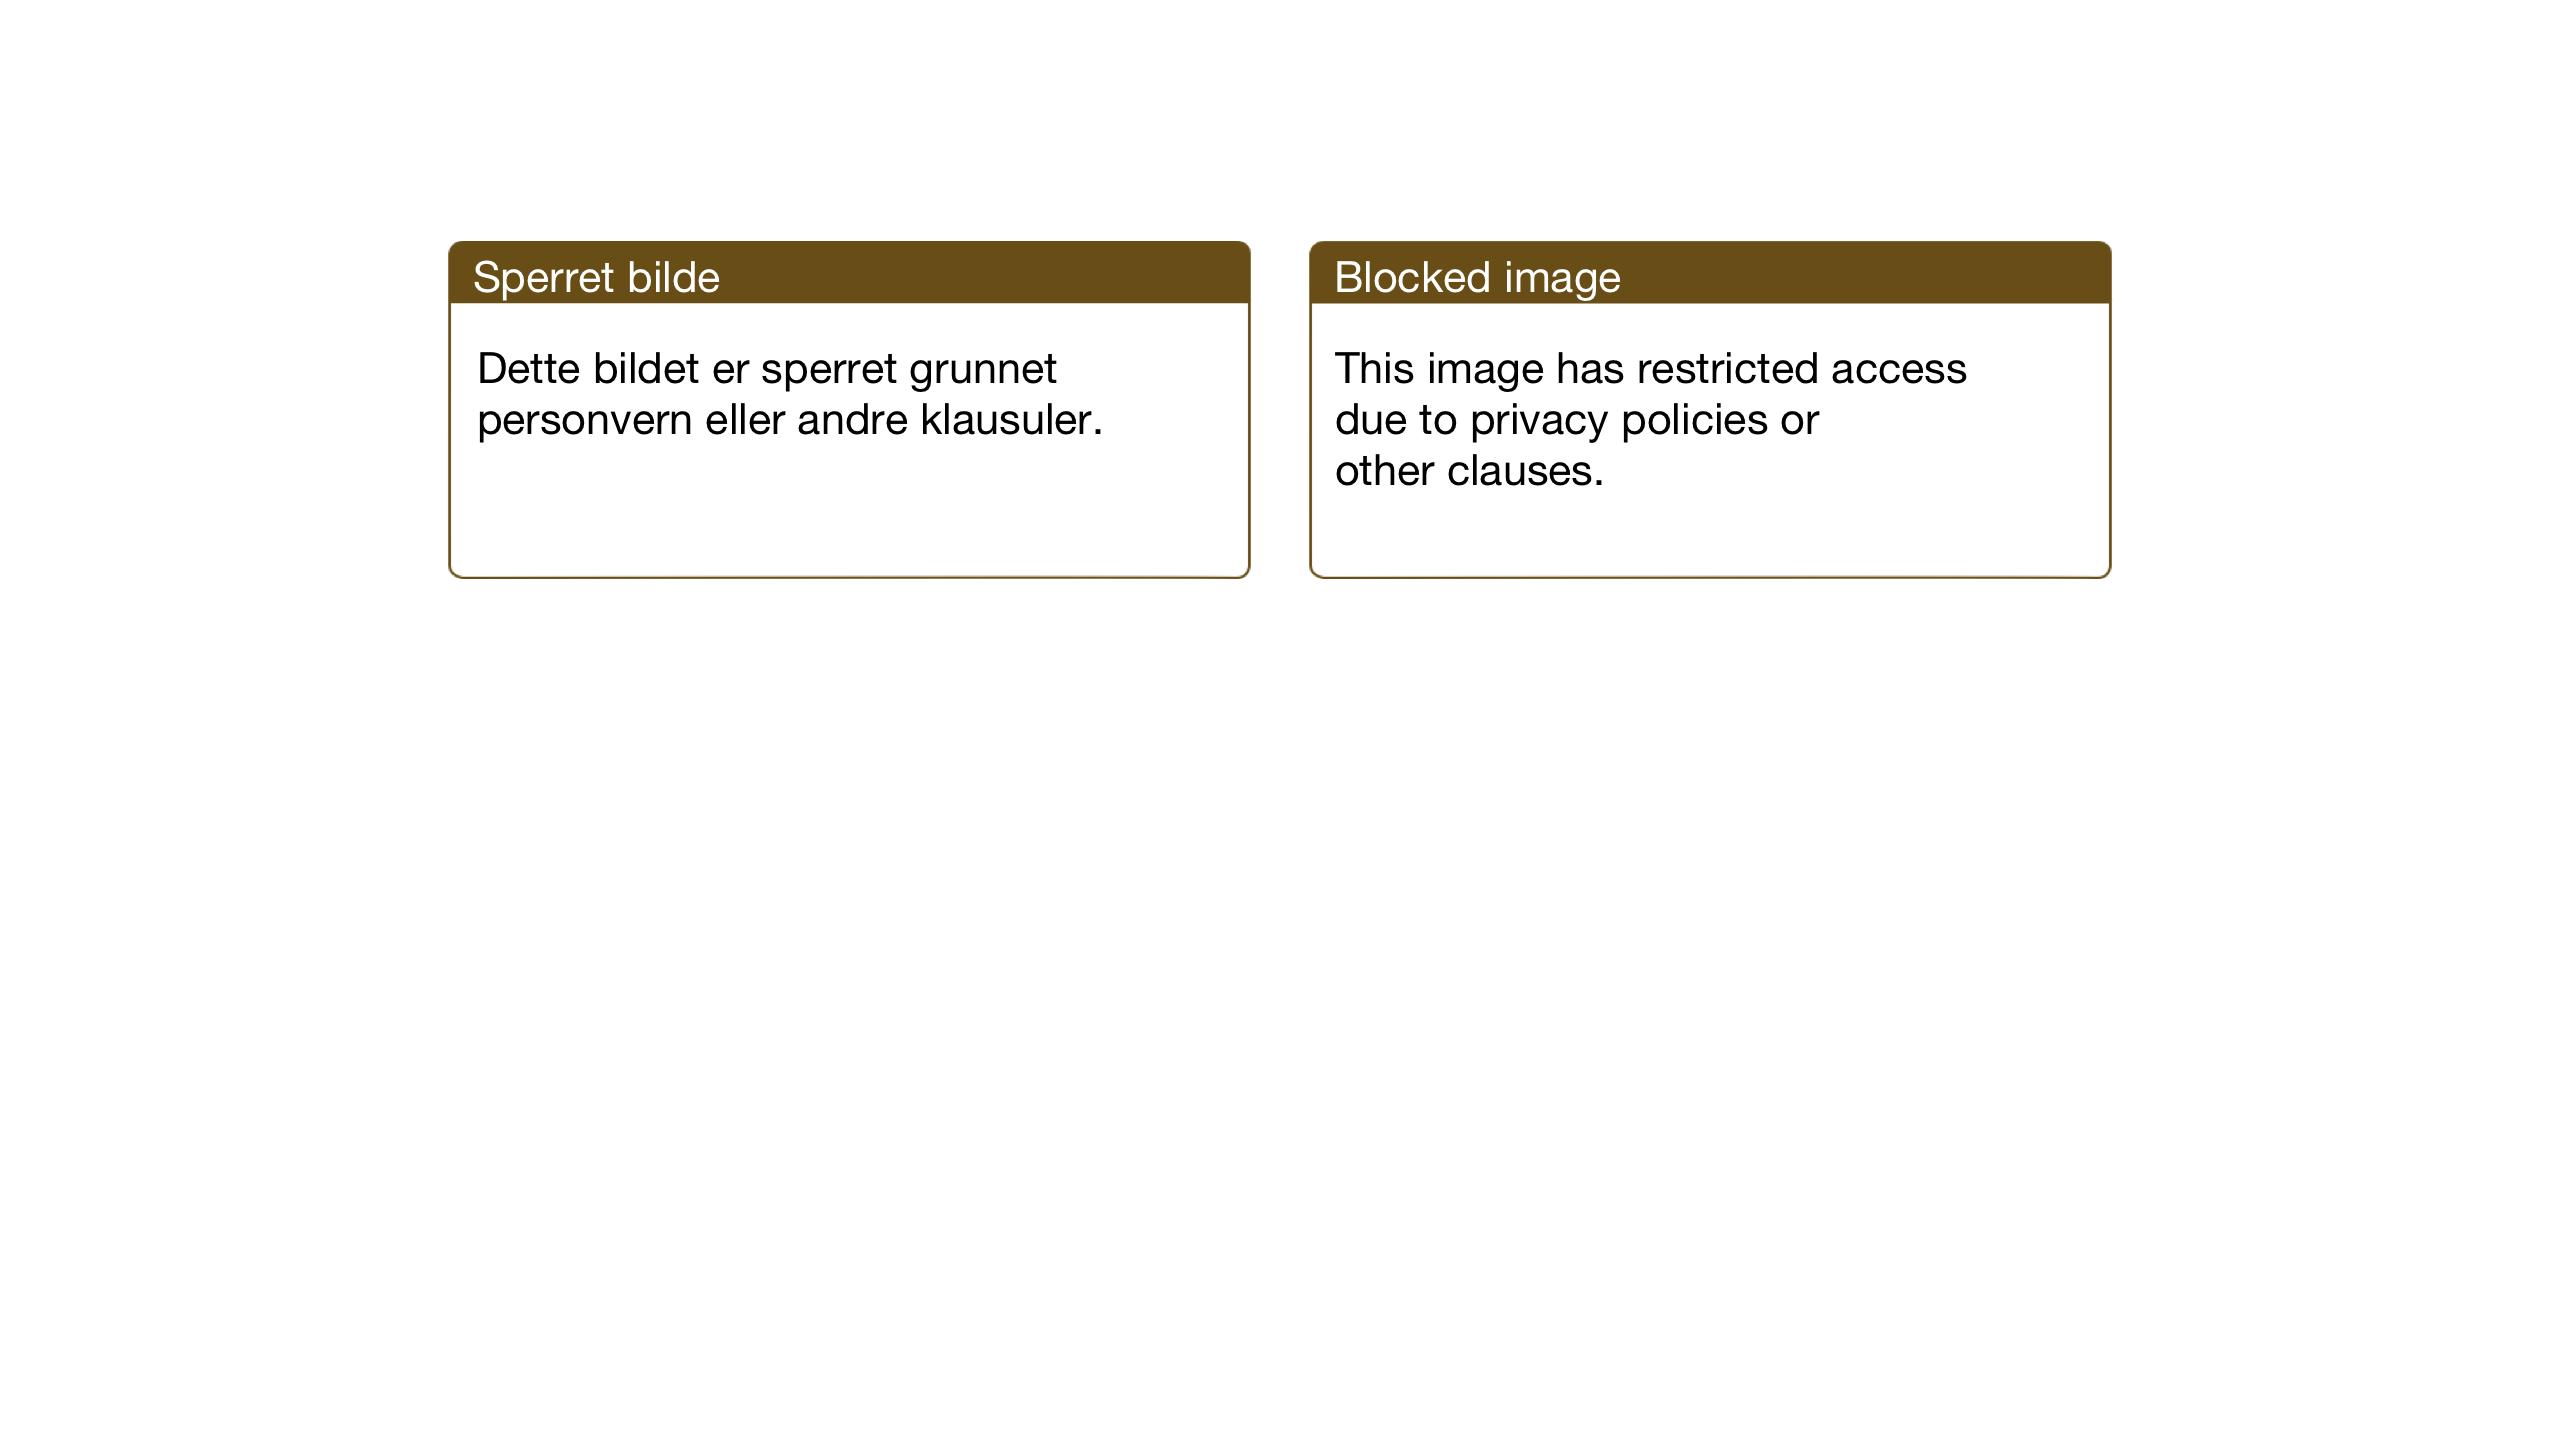 SAT, Ministerialprotokoller, klokkerbøker og fødselsregistre - Nord-Trøndelag, 720/L0193: Klokkerbok nr. 720C02, 1918-1941, s. 89